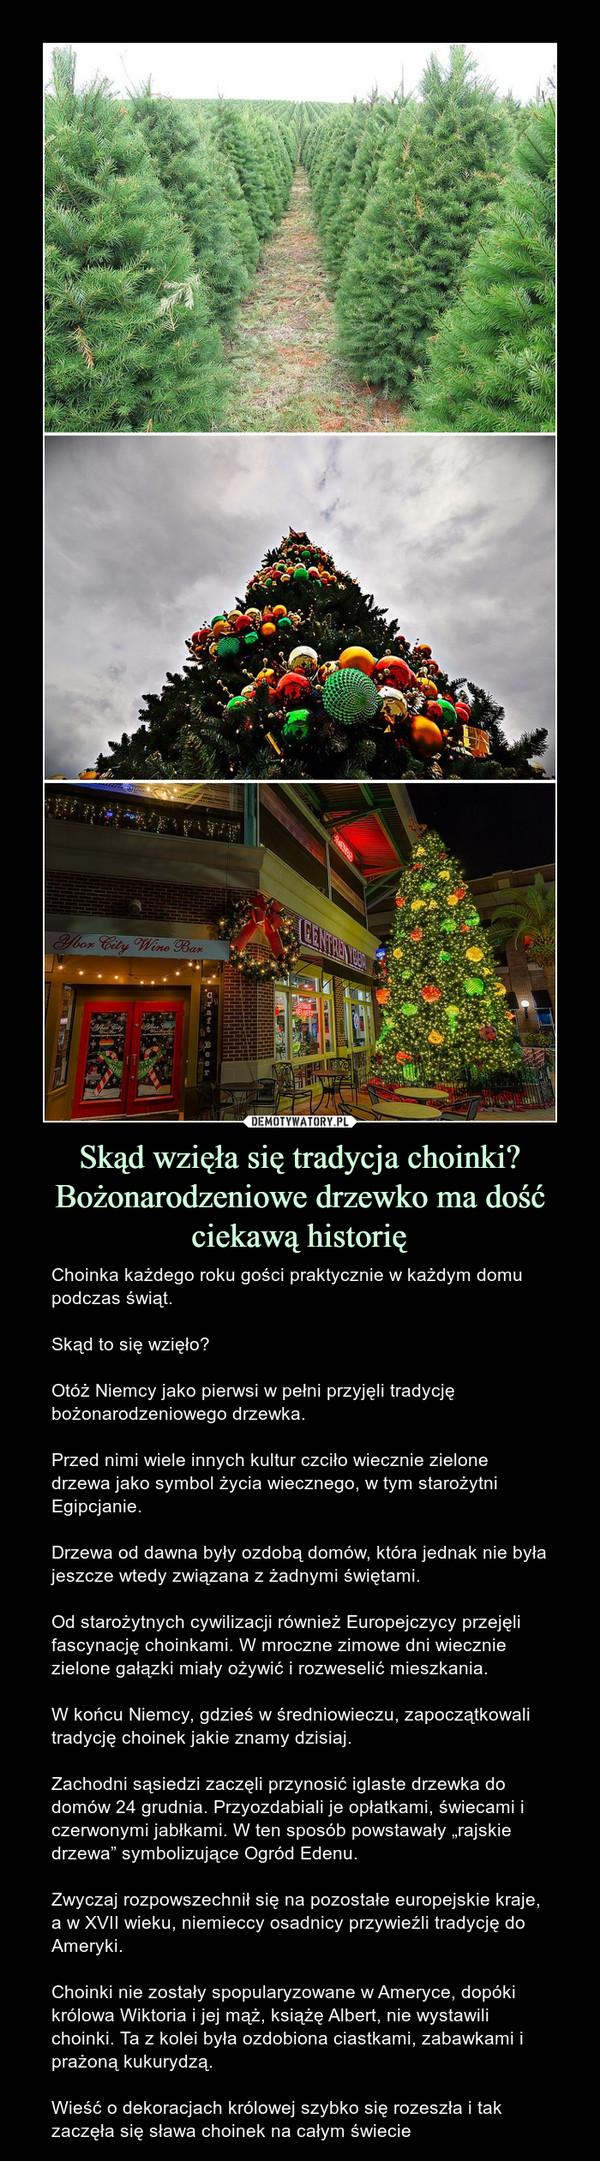 """Skąd wzięła się tradycja choinki? Bożonarodzeniowe drzewko ma dość ciekawą historię – Choinka każdego roku gości praktycznie w każdym domu podczas świąt. Skąd to się wzięło?Otóż Niemcy jako pierwsi w pełni przyjęli tradycję bożonarodzeniowego drzewka.Przed nimi wiele innych kultur czciło wiecznie zielone drzewa jako symbol życia wiecznego, w tym starożytni Egipcjanie.Drzewa od dawna były ozdobą domów, która jednak nie była jeszcze wtedy związana z żadnymi świętami.Od starożytnych cywilizacji również Europejczycy przejęli fascynację choinkami. W mroczne zimowe dni wiecznie zielone gałązki miały ożywić i rozweselić mieszkania.W końcu Niemcy, gdzieś w średniowieczu, zapoczątkowali tradycję choinek jakie znamy dzisiaj.Zachodni sąsiedzi zaczęli przynosić iglaste drzewka do domów 24 grudnia. Przyozdabiali je opłatkami, świecami i czerwonymi jabłkami. W ten sposób powstawały """"rajskie drzewa"""" symbolizujące Ogród Edenu.Zwyczaj rozpowszechnił się na pozostałe europejskie kraje, a w XVII wieku, niemieccy osadnicy przywieźli tradycję do Ameryki.Choinki nie zostały spopularyzowane w Ameryce, dopóki królowa Wiktoria i jej mąż, książę Albert, nie wystawili choinki. Ta z kolei była ozdobiona ciastkami, zabawkami i prażoną kukurydzą.Wieść o dekoracjach królowej szybko się rozeszła i tak zaczęła się sława choinek na całym świecie"""